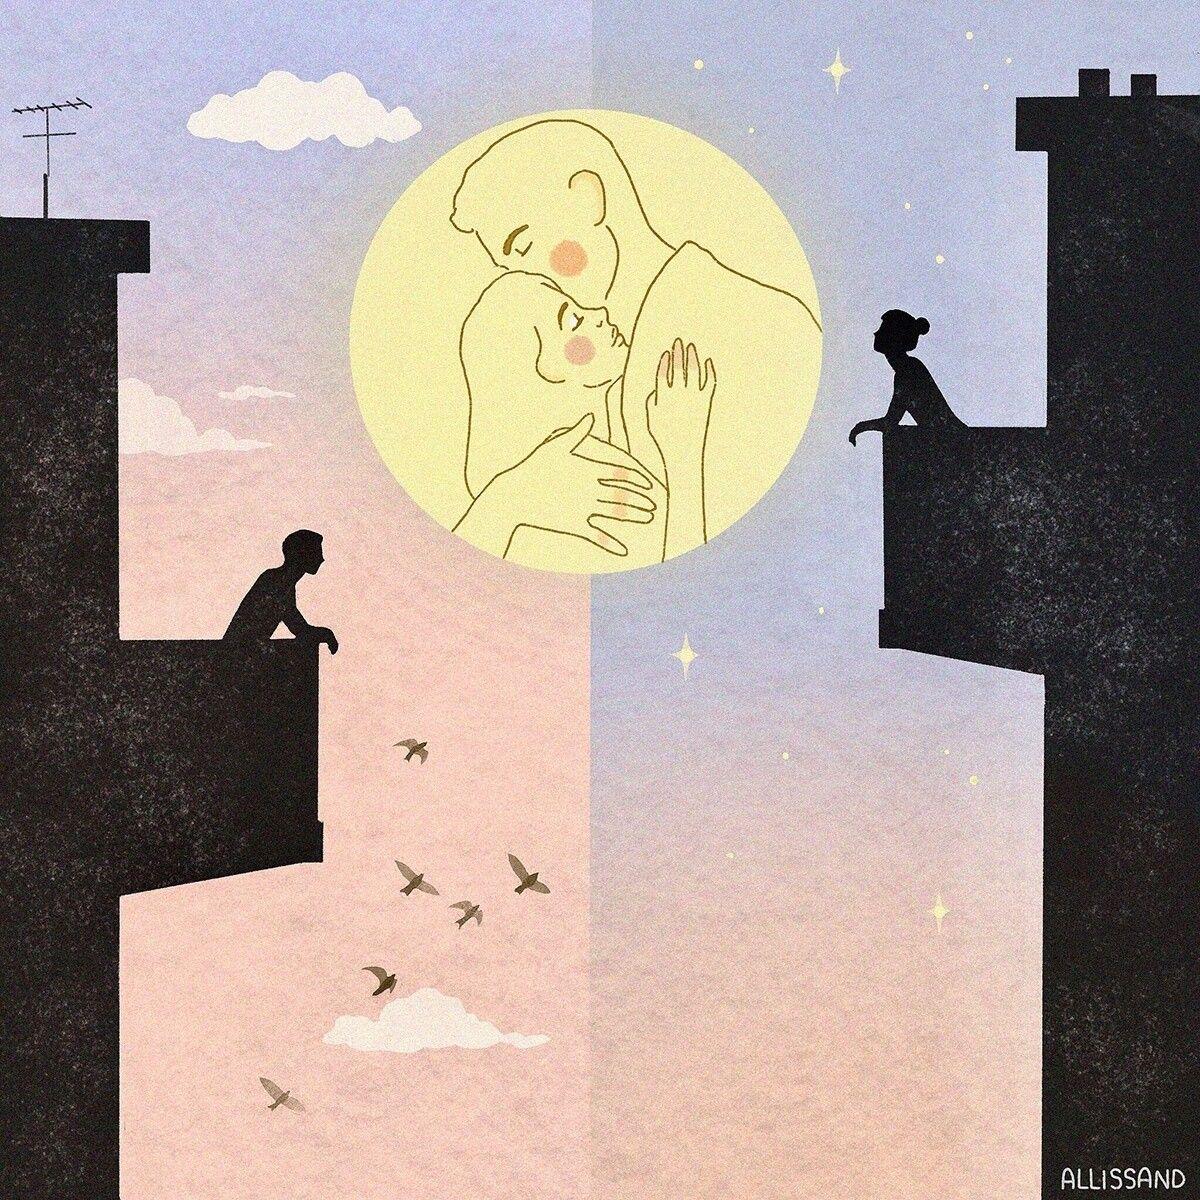 Las Ilustraciones De Alessandra Bruni Expresan Sentimientos Universales Cultura Inquieta Ilustraciones Ilustracion Del Amor Produccion Artistica